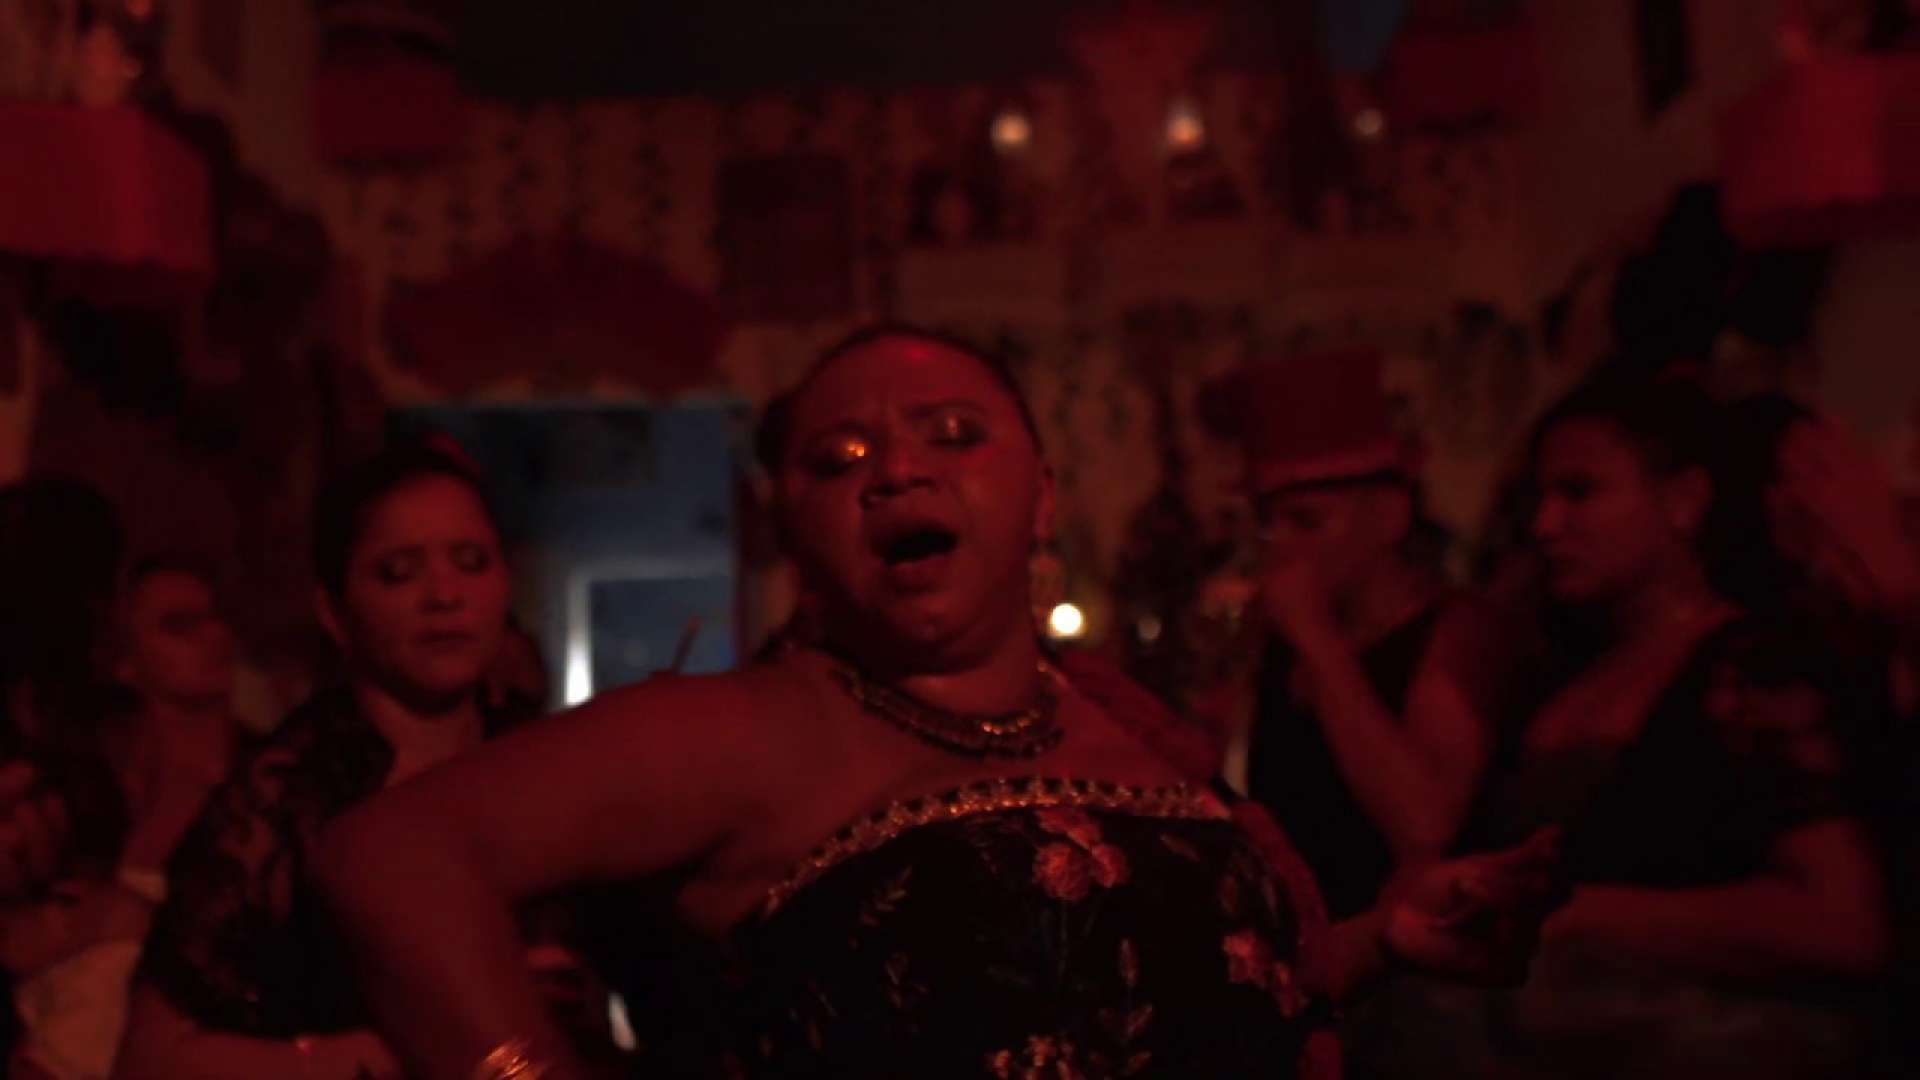 O curta Festa de Exu, dirigido por Wellington Barros Júnior, está disponível na plataforma Cultura Dendicasa (Foto: reprodução)